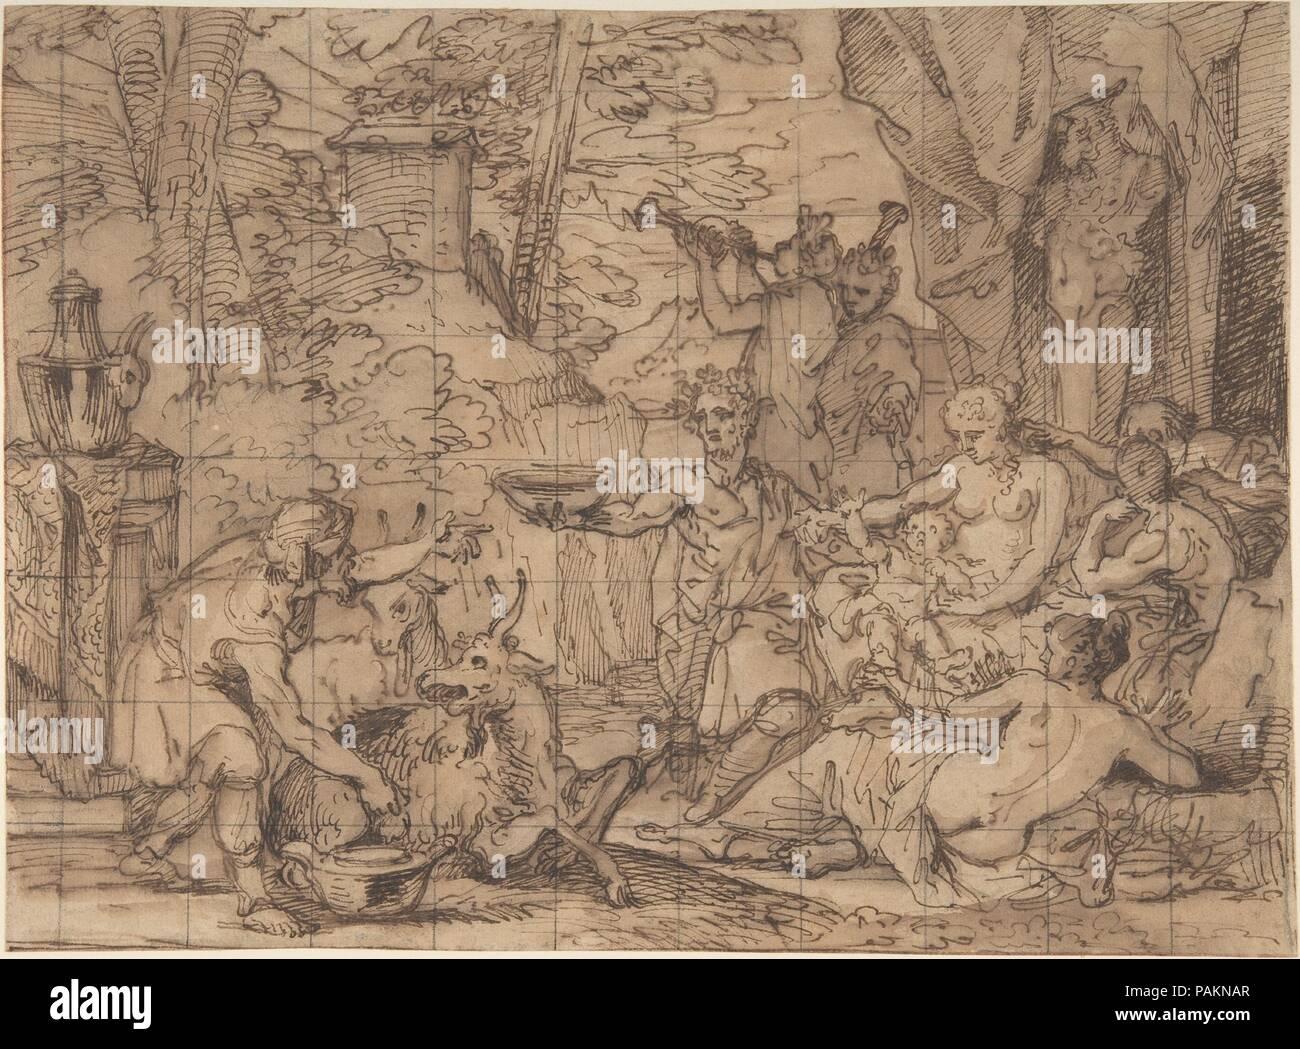 The Nurture of Jupiter. Artist: Jean-Baptiste Corneille (French, Paris 1649